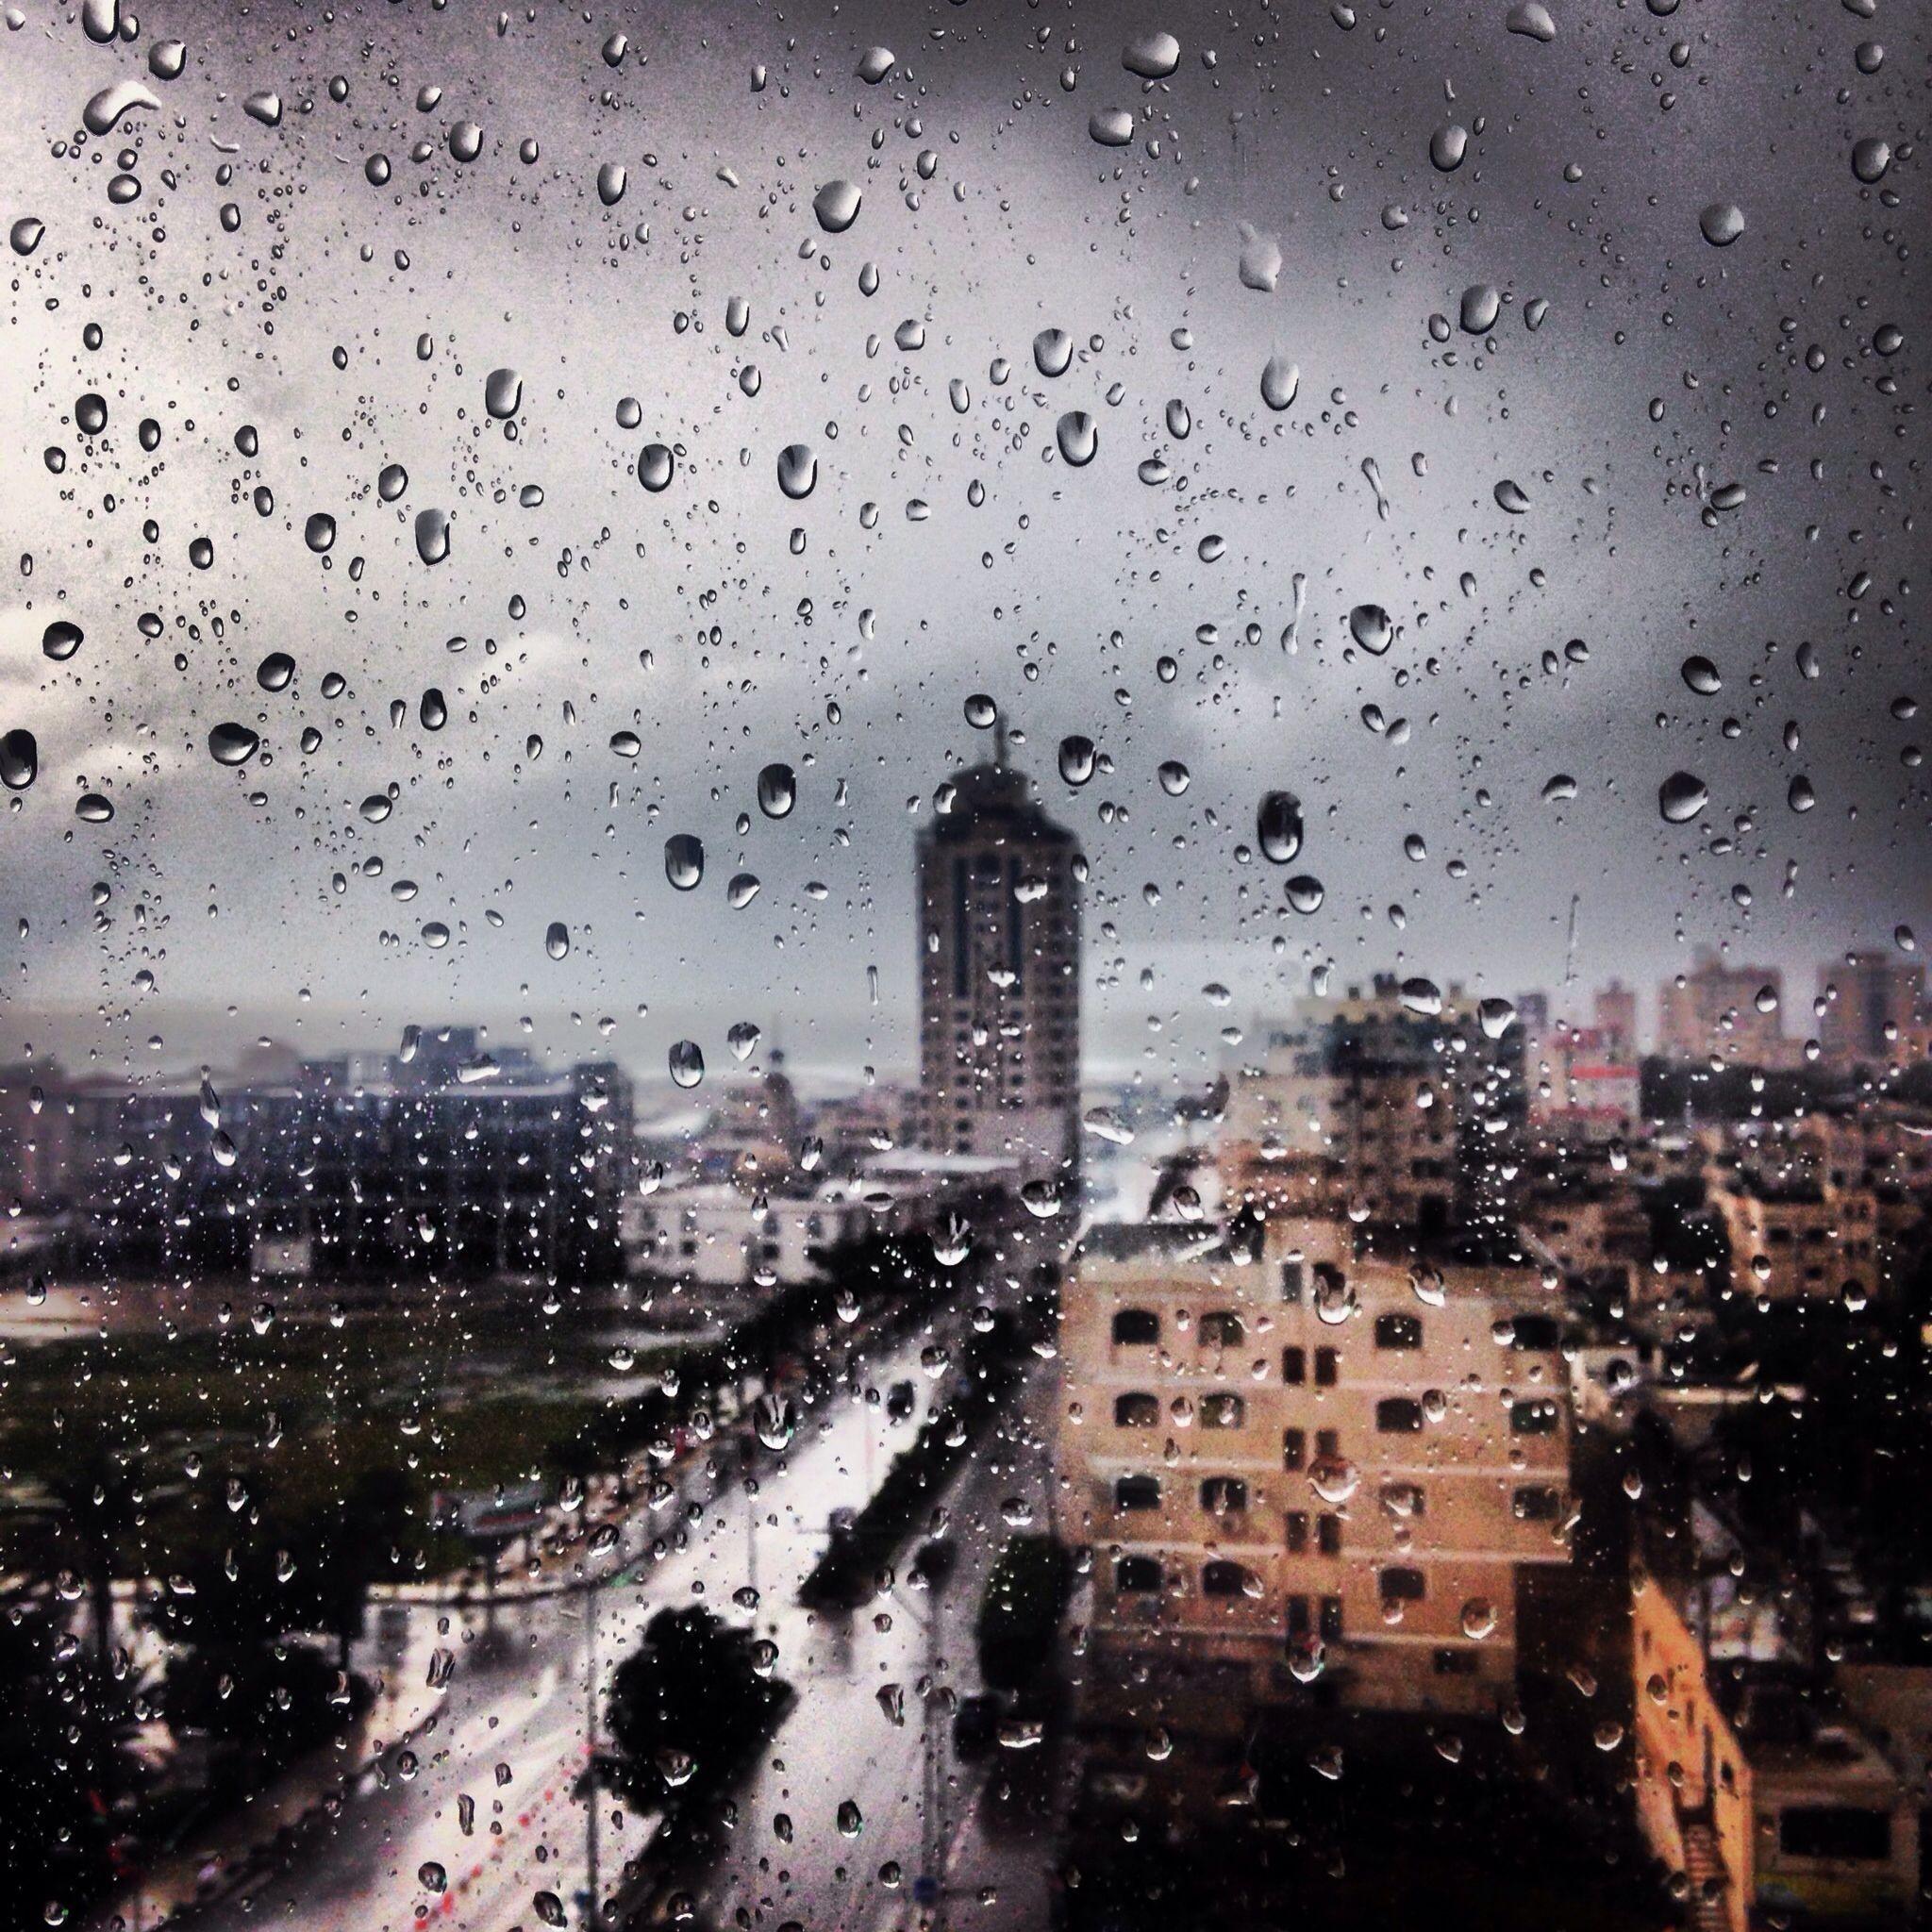 الطقس: ارتفاع درجات الحرارة اليوم وانخفاضها غدا